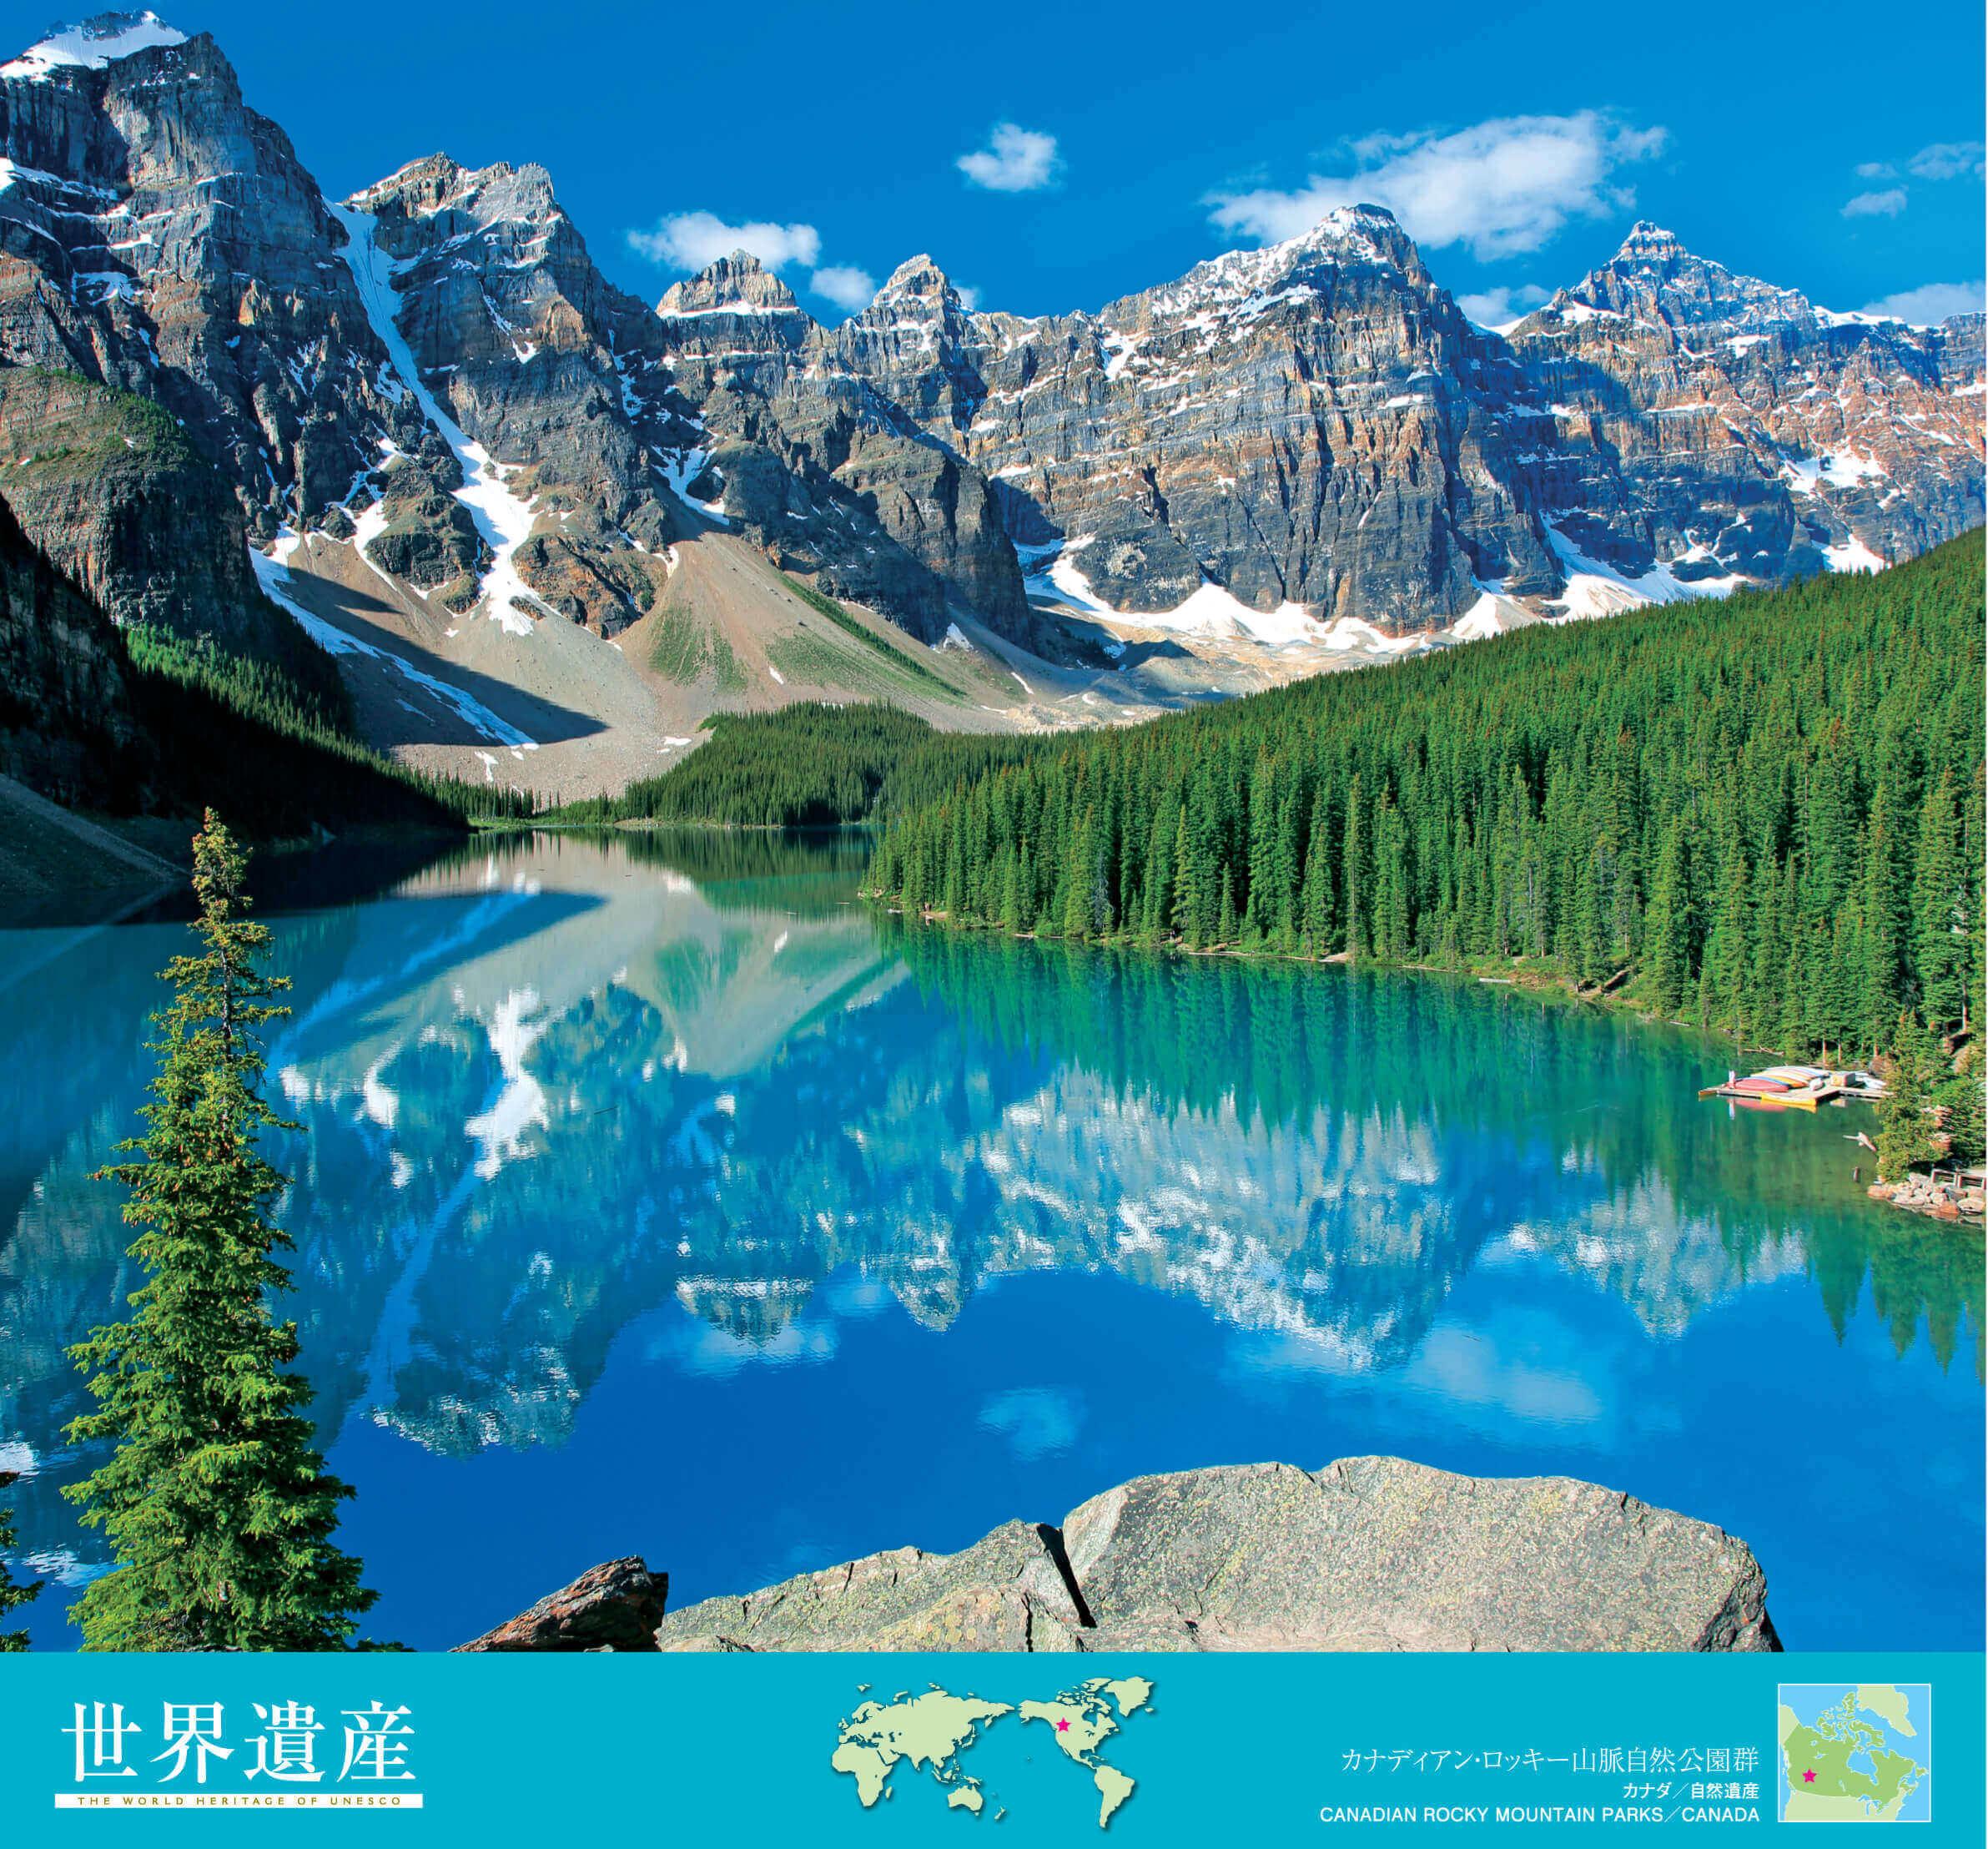 7-8月 カナディアン・ロッキー山脈 カナダ ユネスコ世界遺産(フィルムカレンダー) 2022年カレンダーの画像